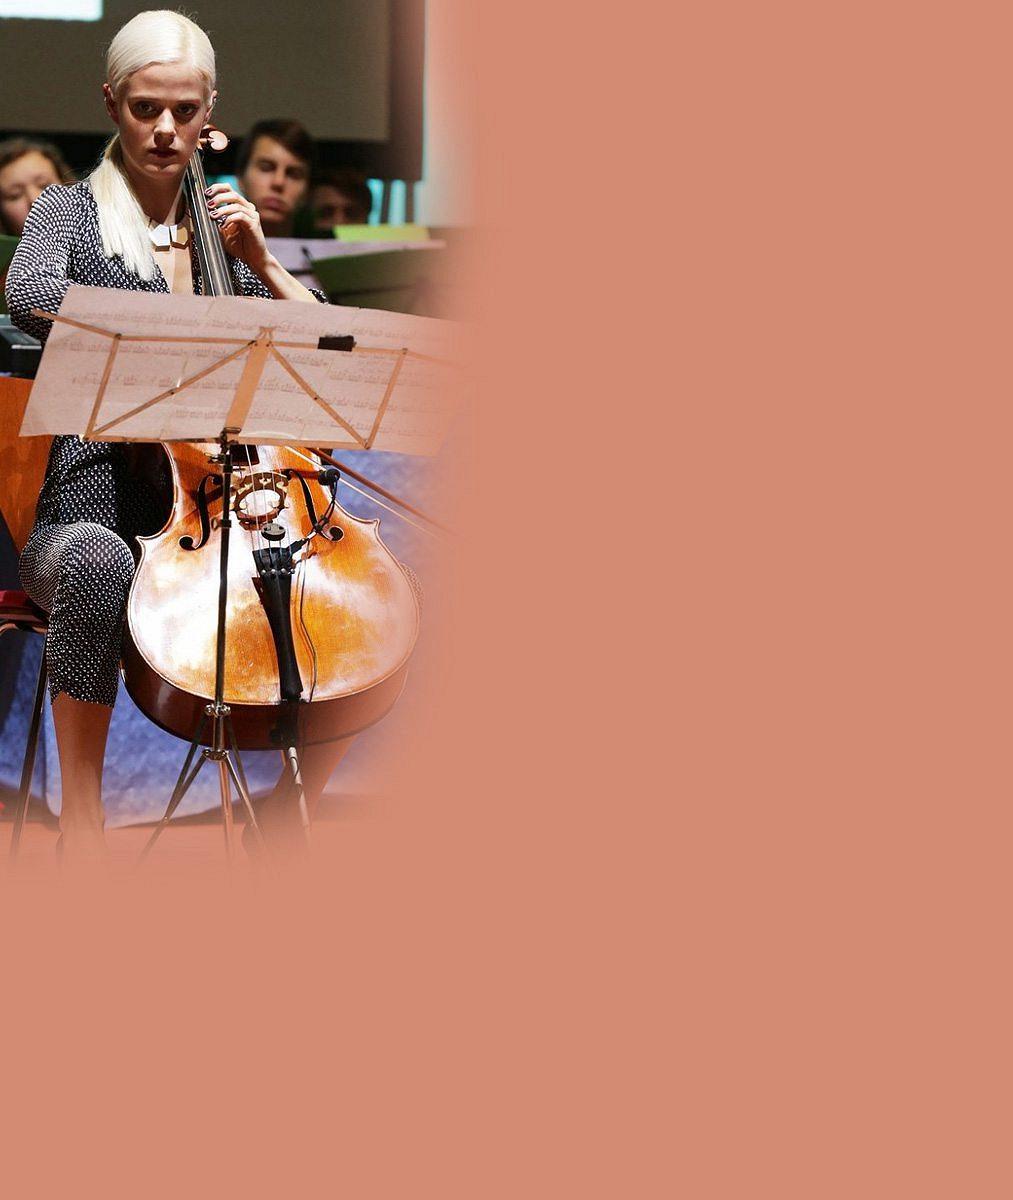 Krásná česká violoncellistka odložila svůj nástroj anechala se zvěčnit do kalendáře. Líbí se vám?